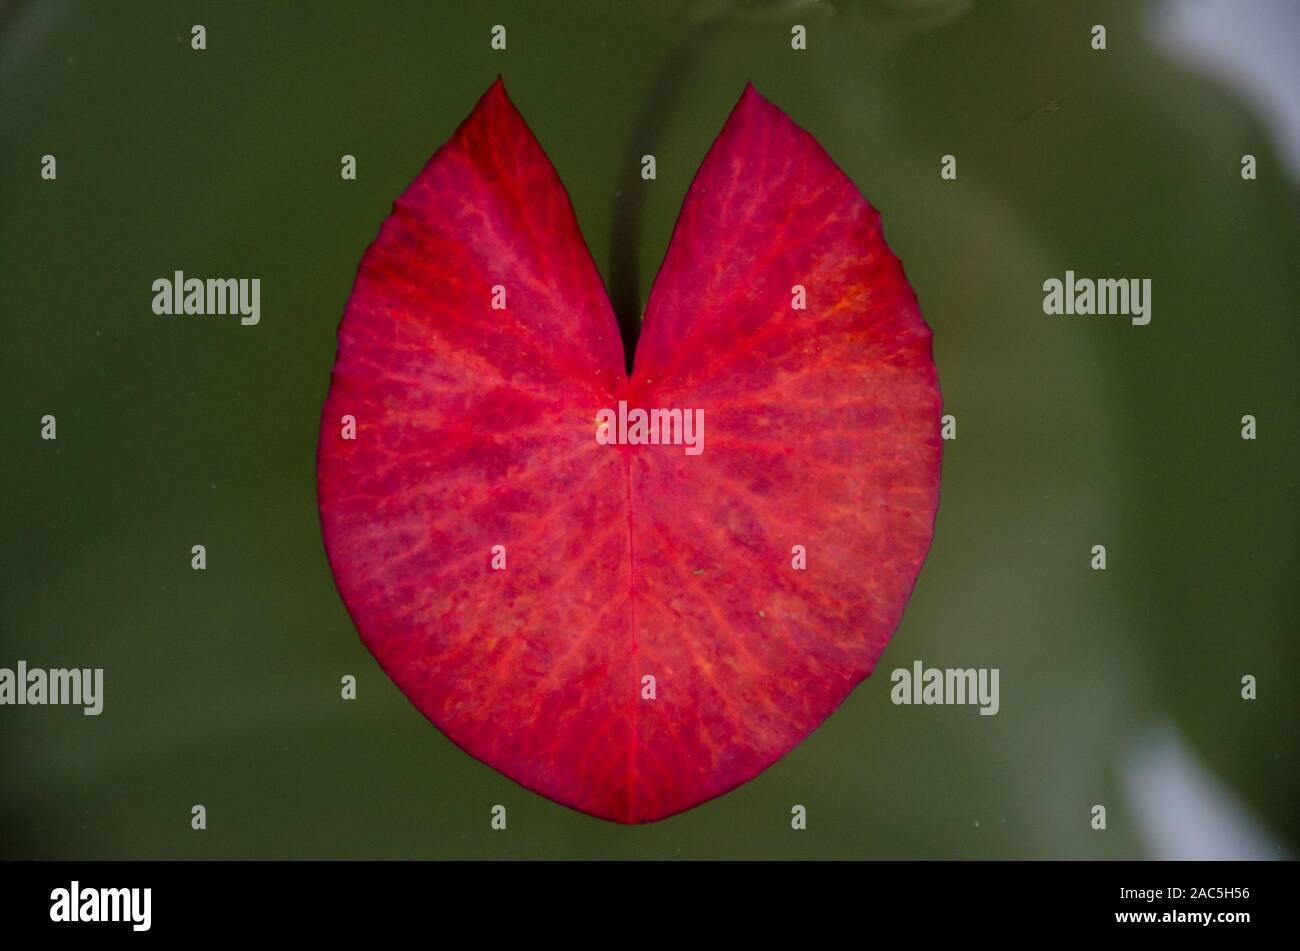 Un detalle de una flor de loto rojo hojas flotando en el agua, Isla Grande. Foto de stock